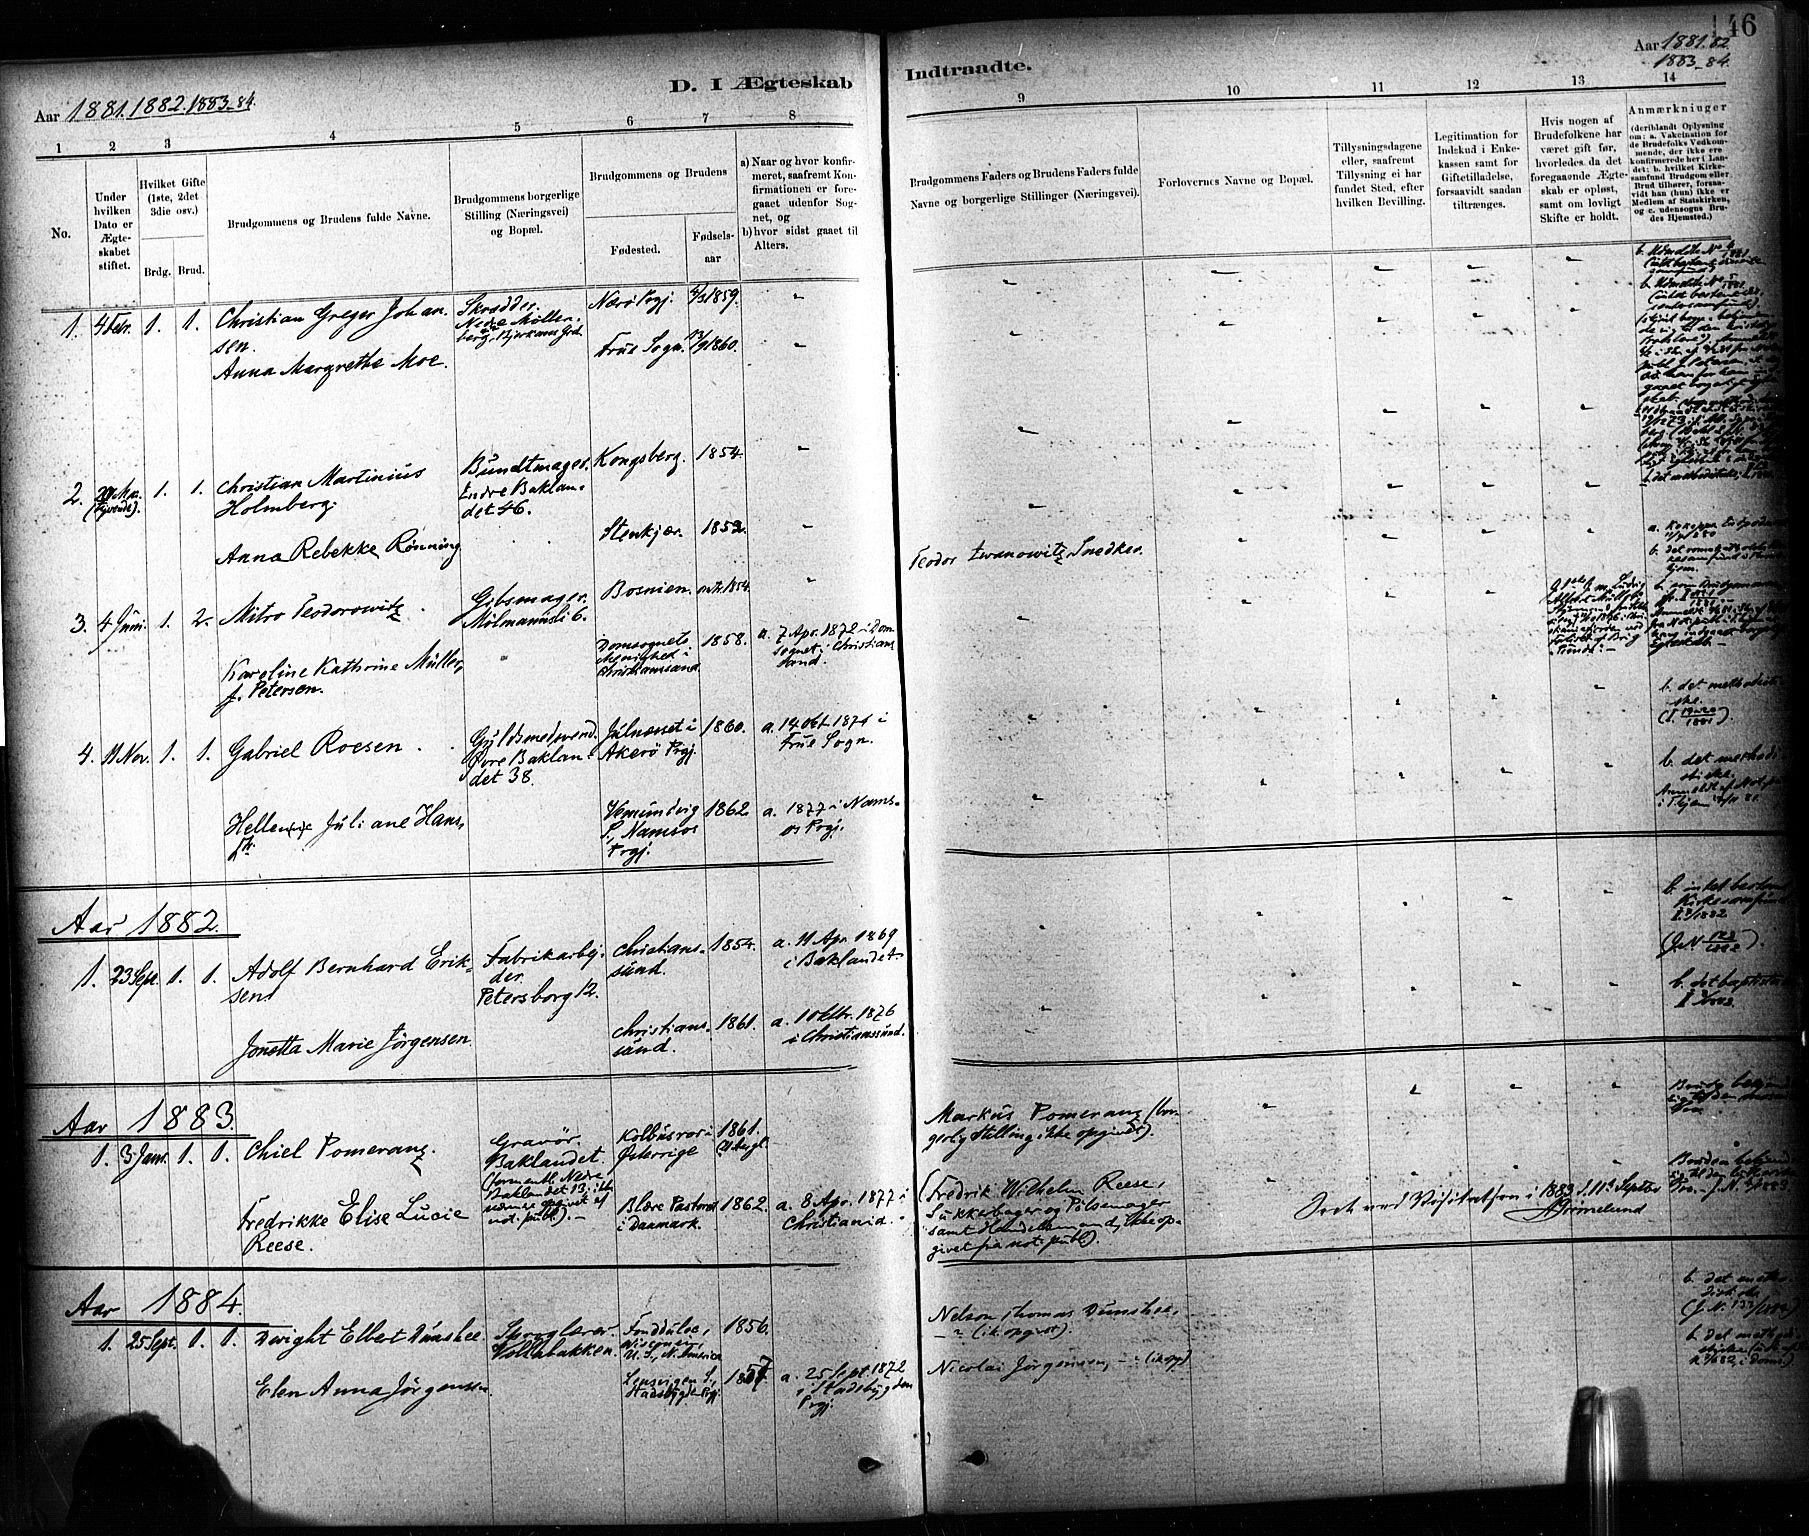 SAT, Ministerialprotokoller, klokkerbøker og fødselsregistre - Sør-Trøndelag, 604/L0189: Ministerialbok nr. 604A10, 1878-1892, s. 146